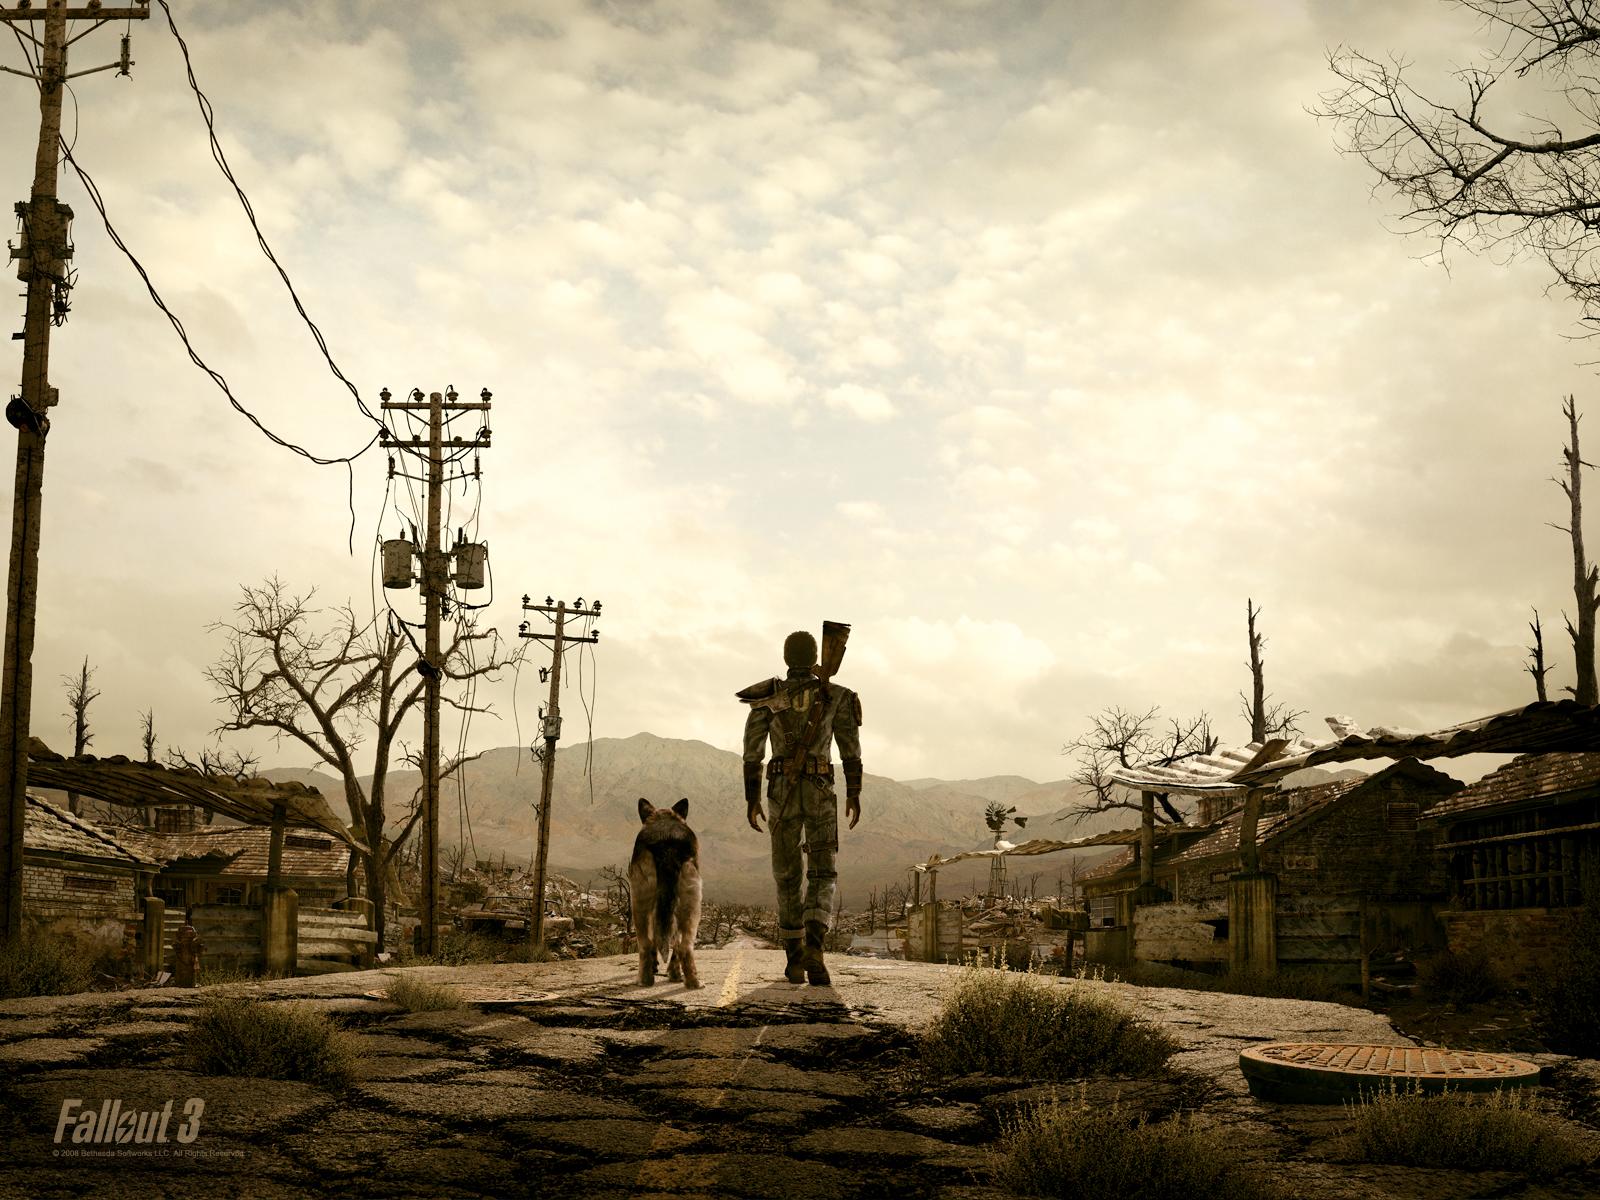 lone-wanderer-fallout-3